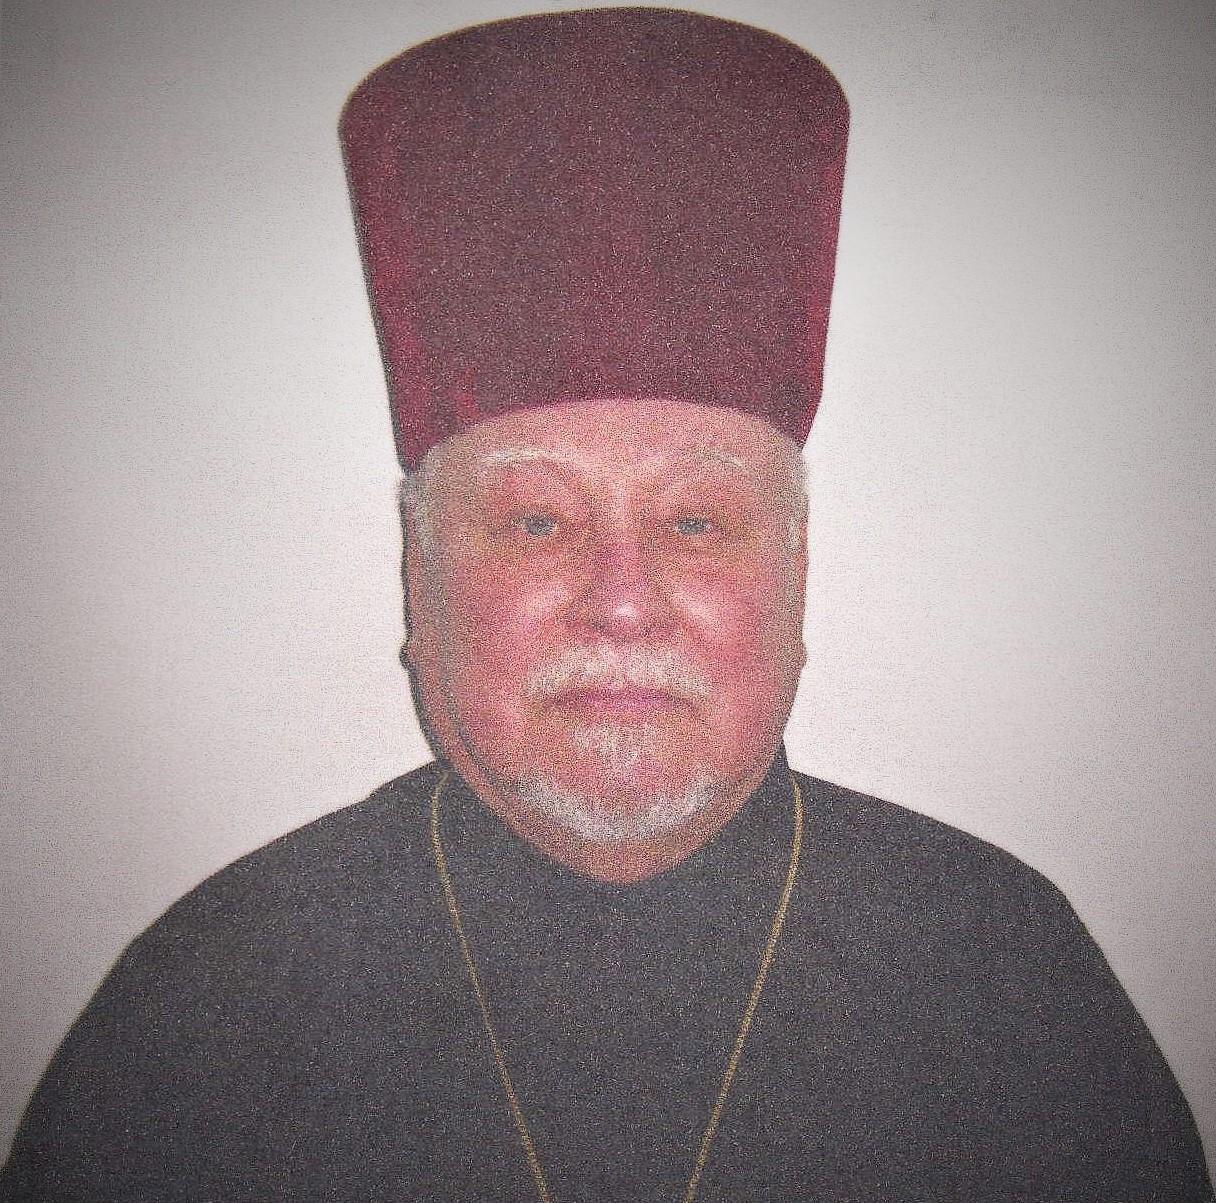 Відійшов до Господа протоієрей Олександр Кубеліус, в.о. обов'язки ректора КДАіС у 1992-1993 рр.